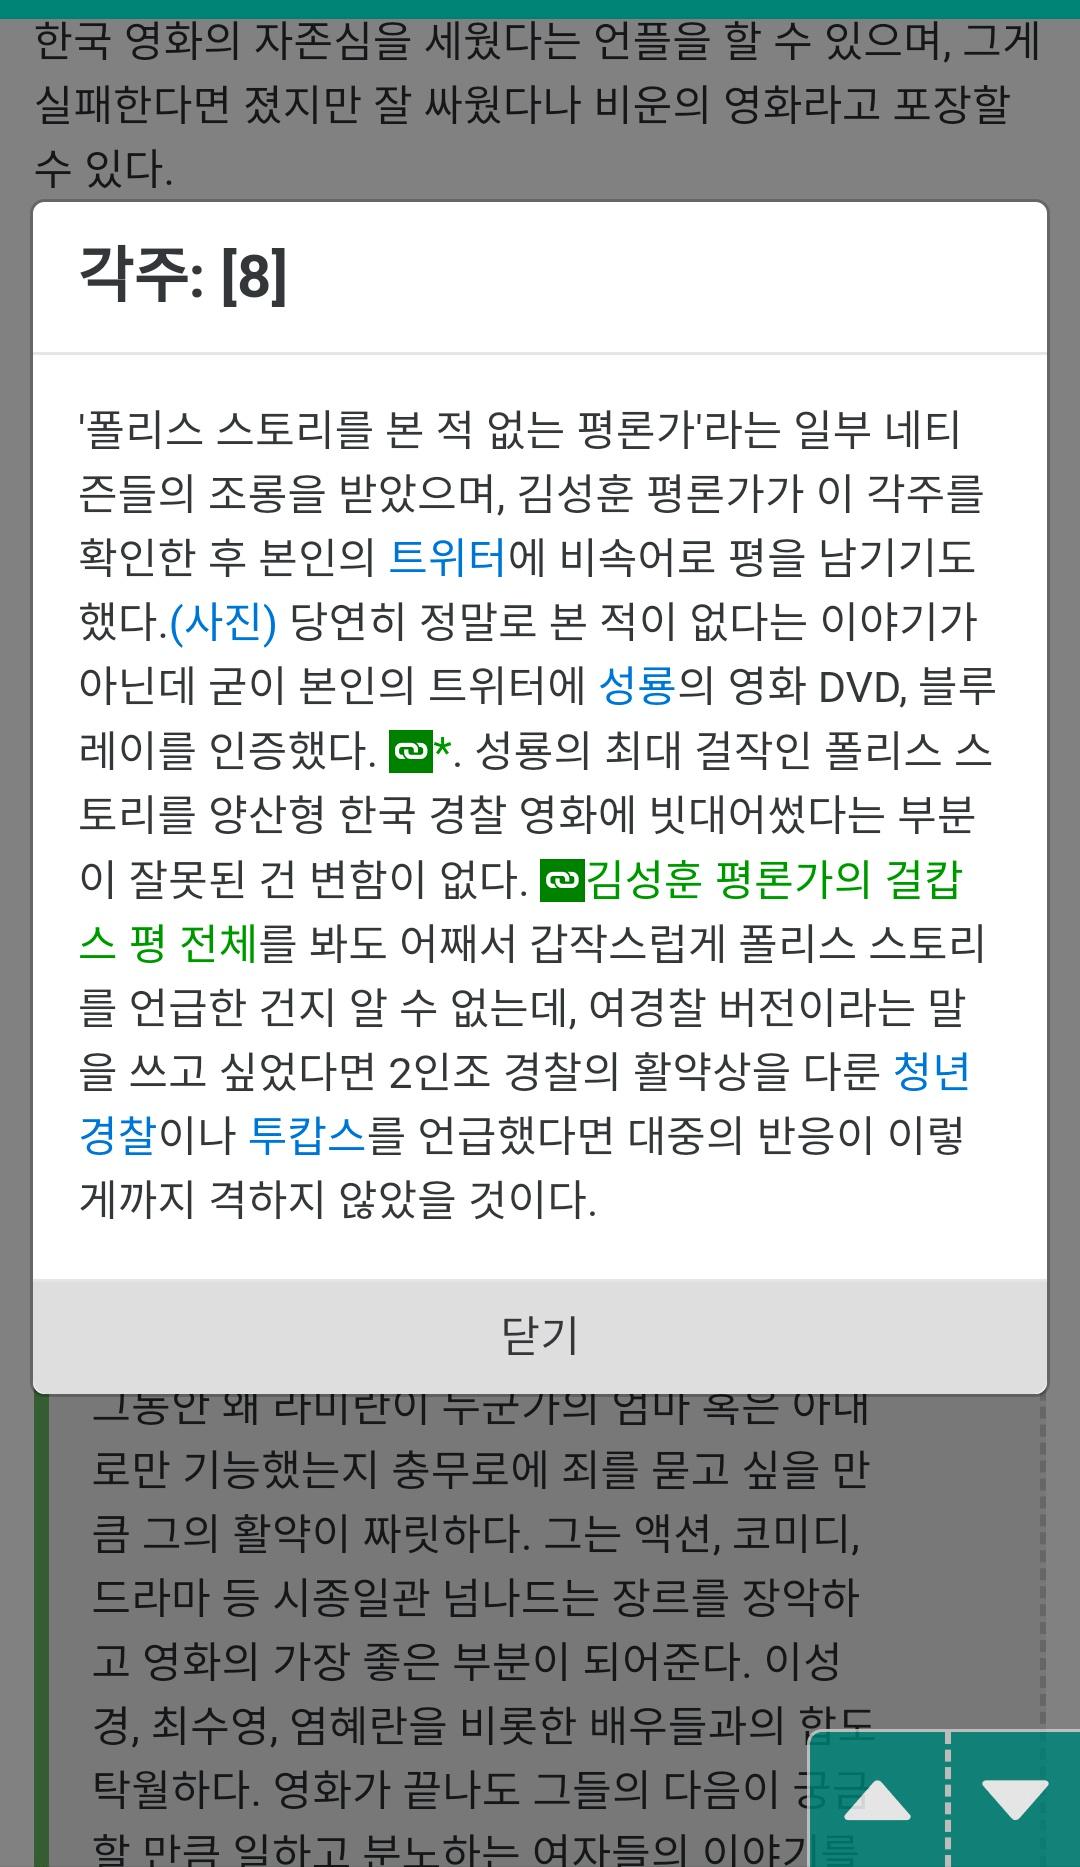 Screenshot_2019-05-14-15-16-30-996_com.android.chrome.png 평론가를 저격하는 나무위키를 저격하는 평론가를 저격하는...